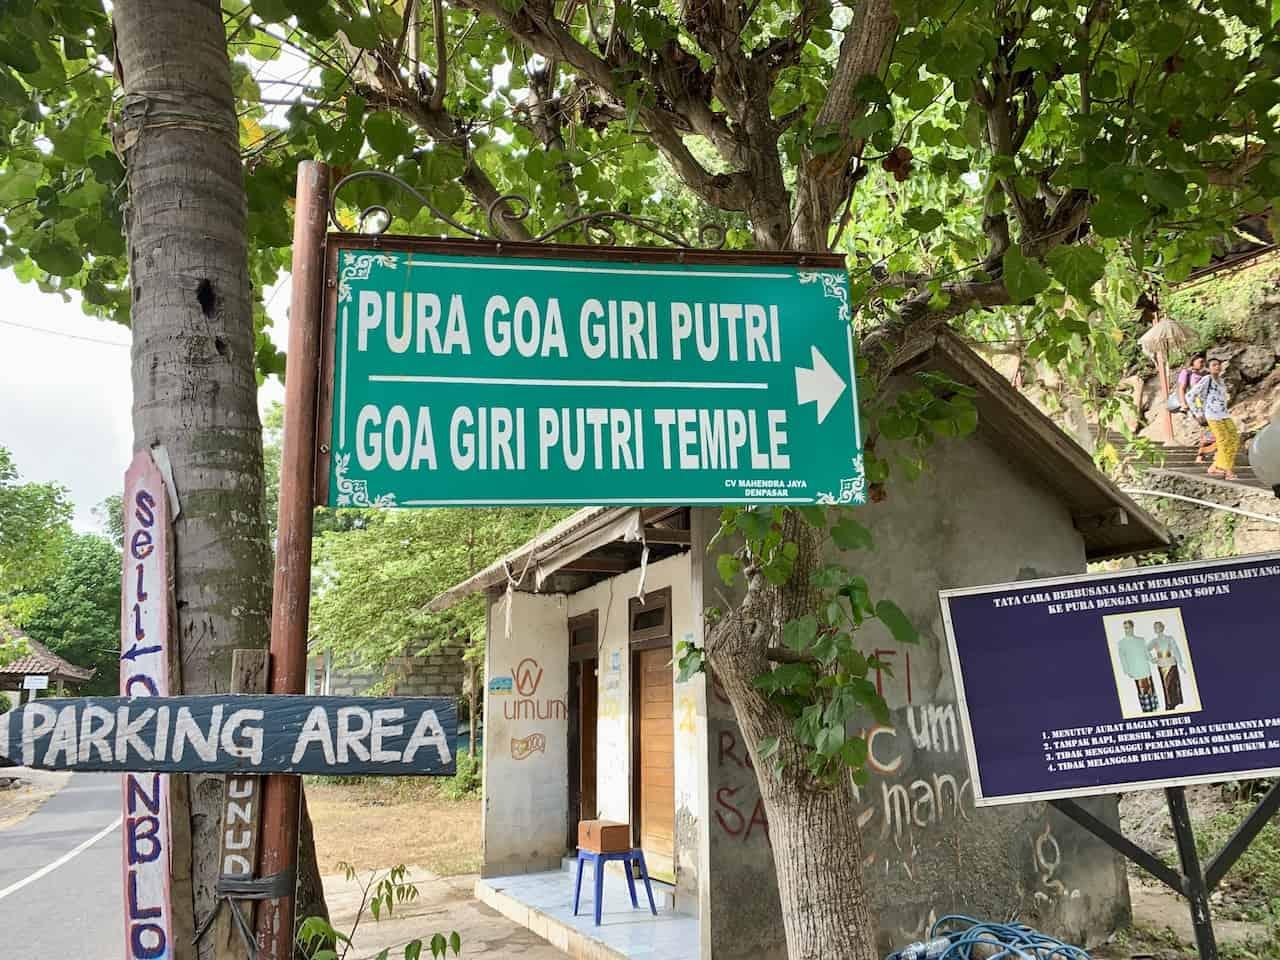 Goa Giri Putri Parking